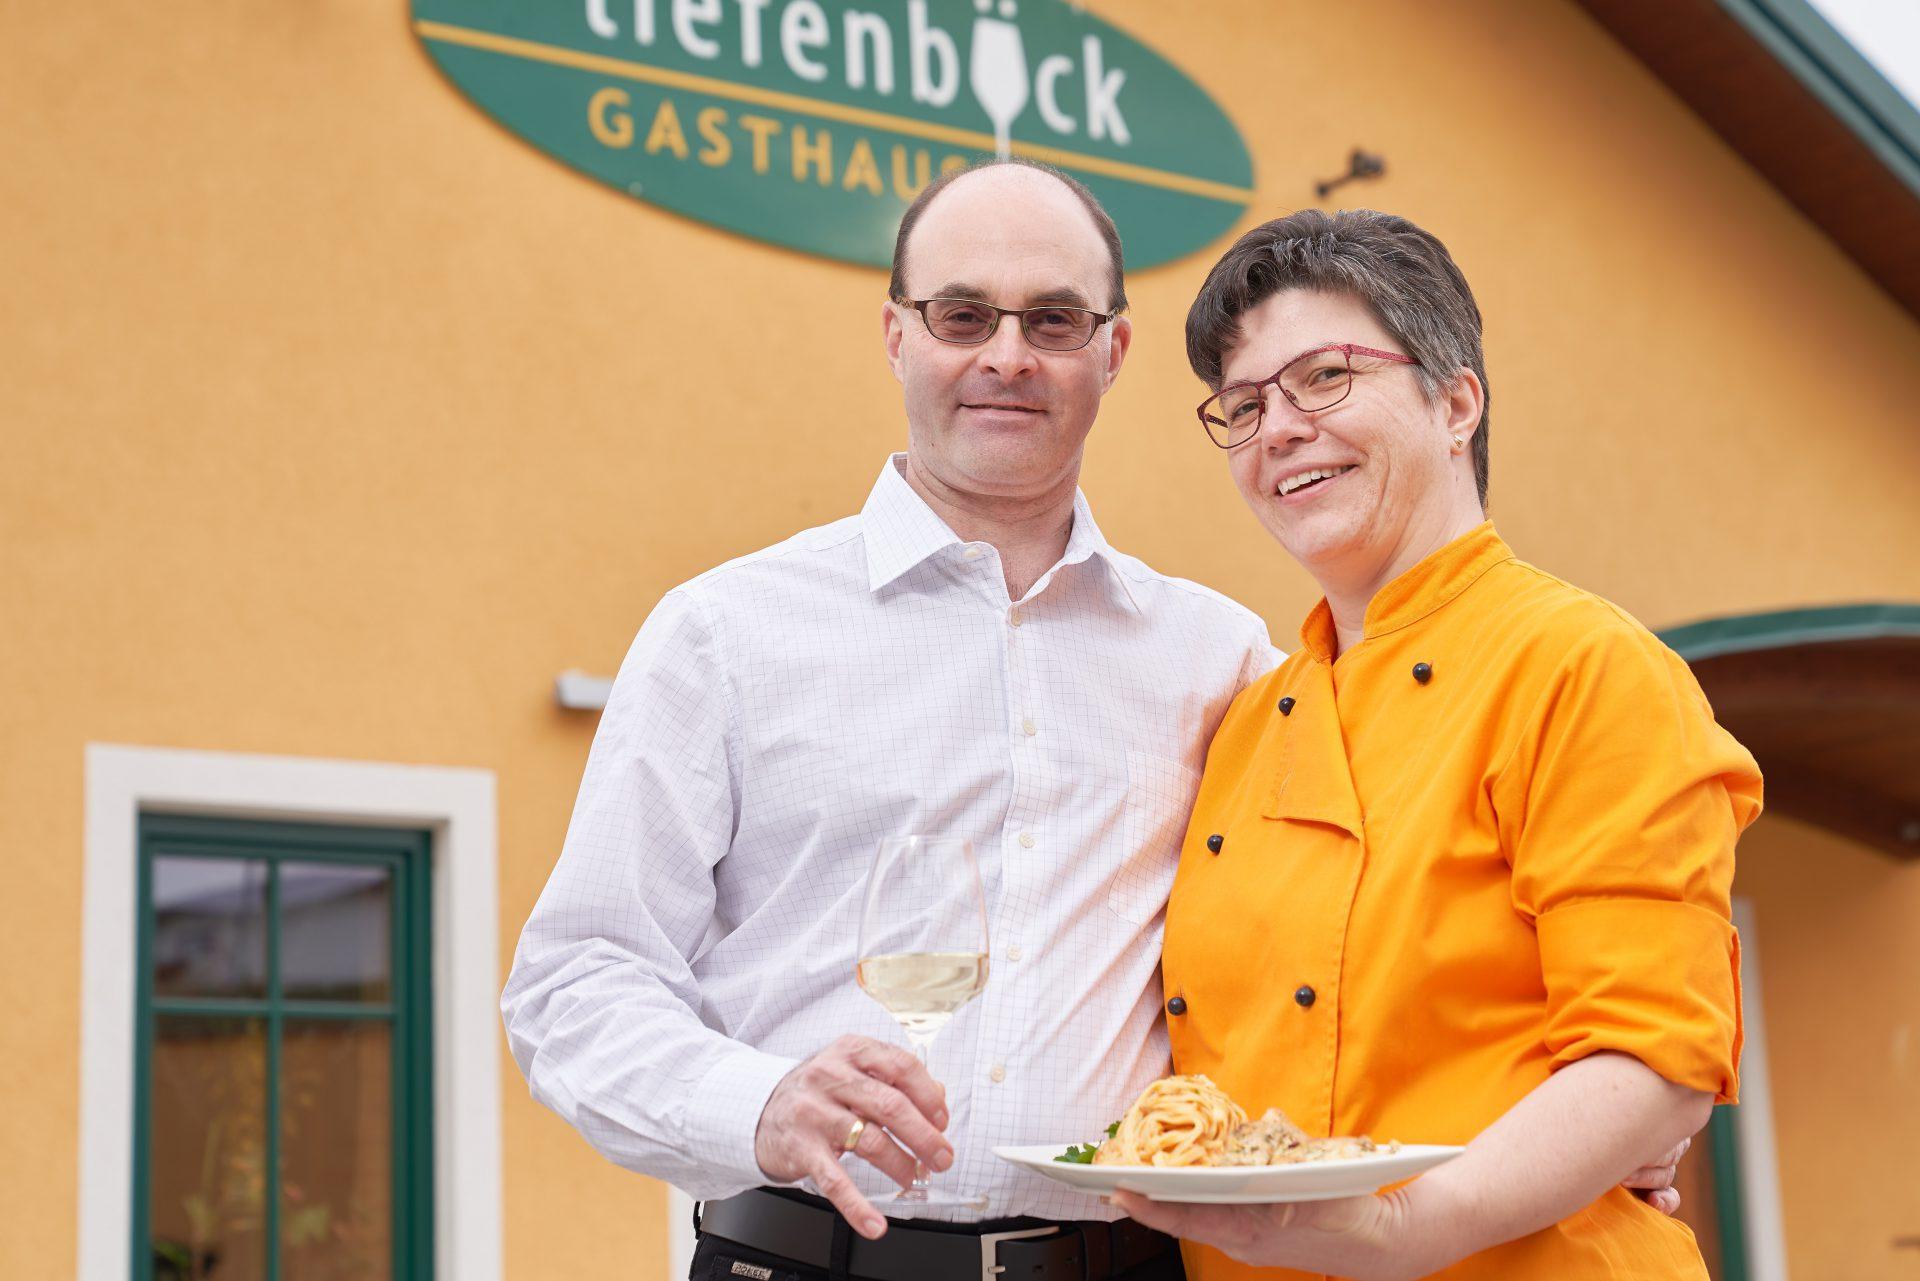 Hermann und Gertrude Tiefenböck: Liebe zur Region, zum Wein und zum feinen und gesunden Essen.